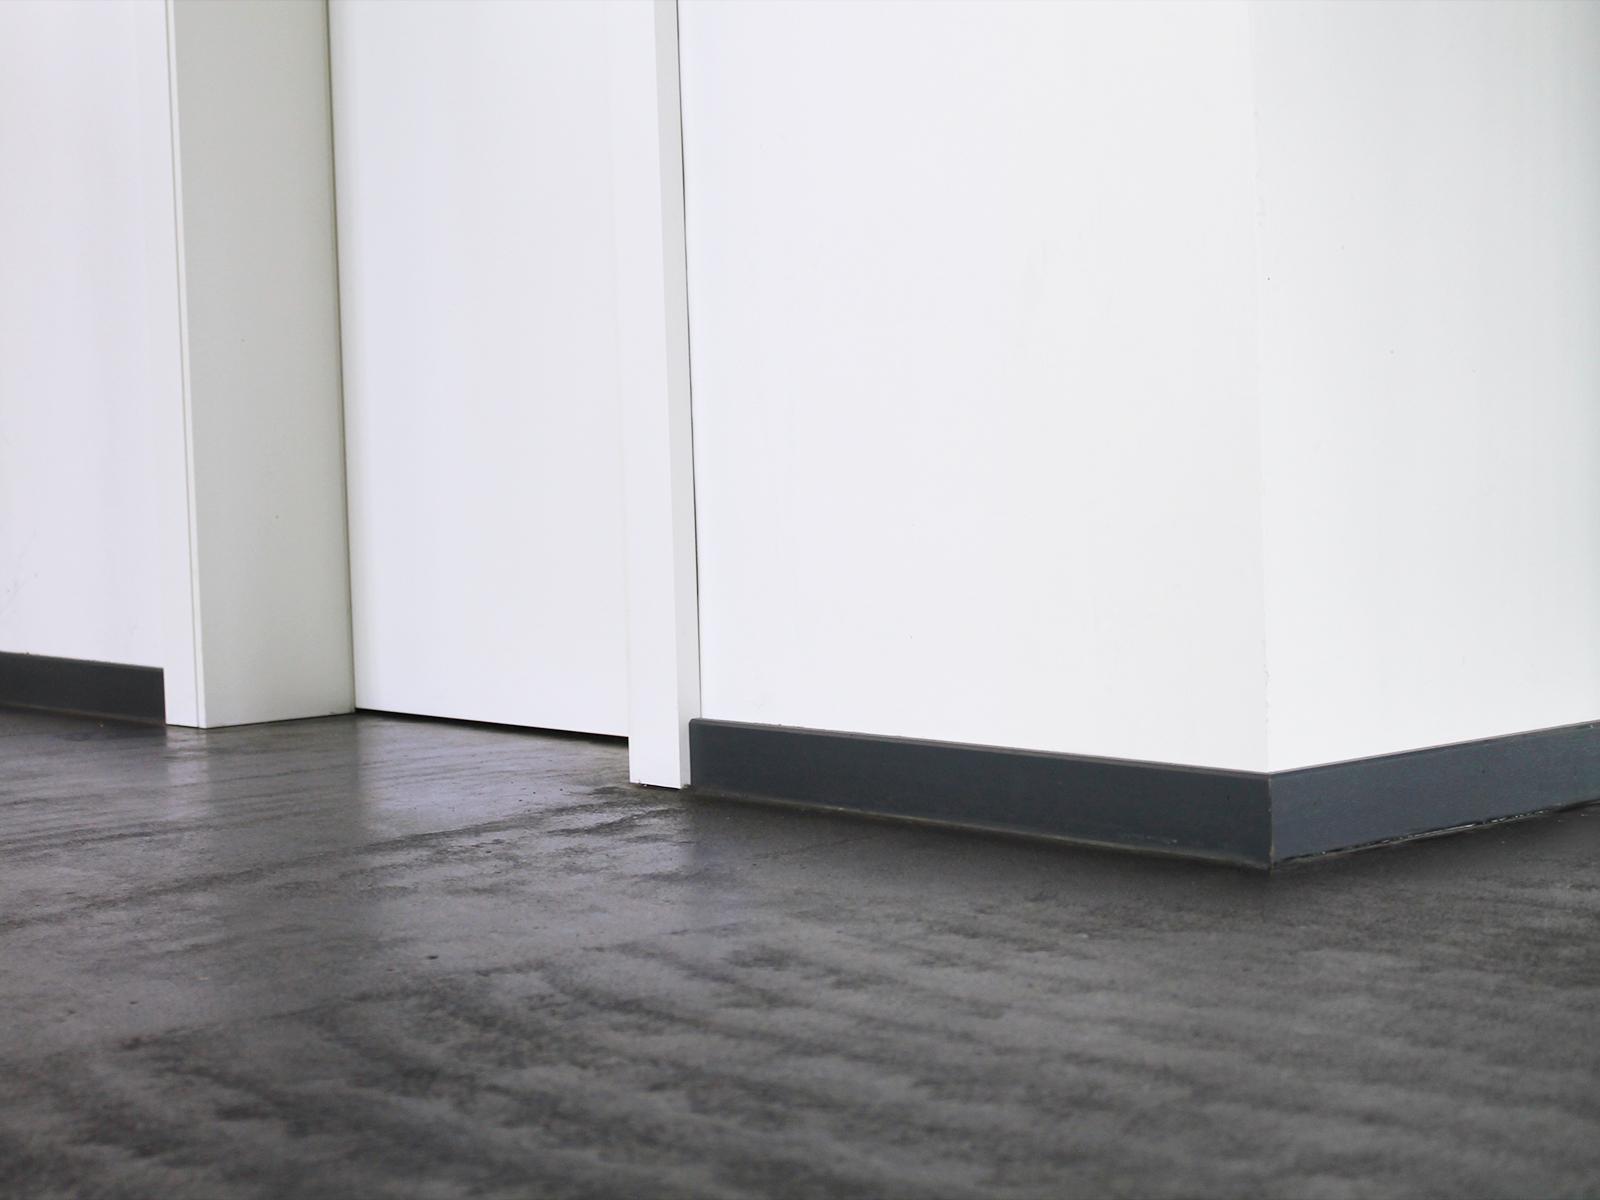 estrich geschliffen und versiegelt estrich geschliffen und versiegelt jlich eiche eingefrbt. Black Bedroom Furniture Sets. Home Design Ideas